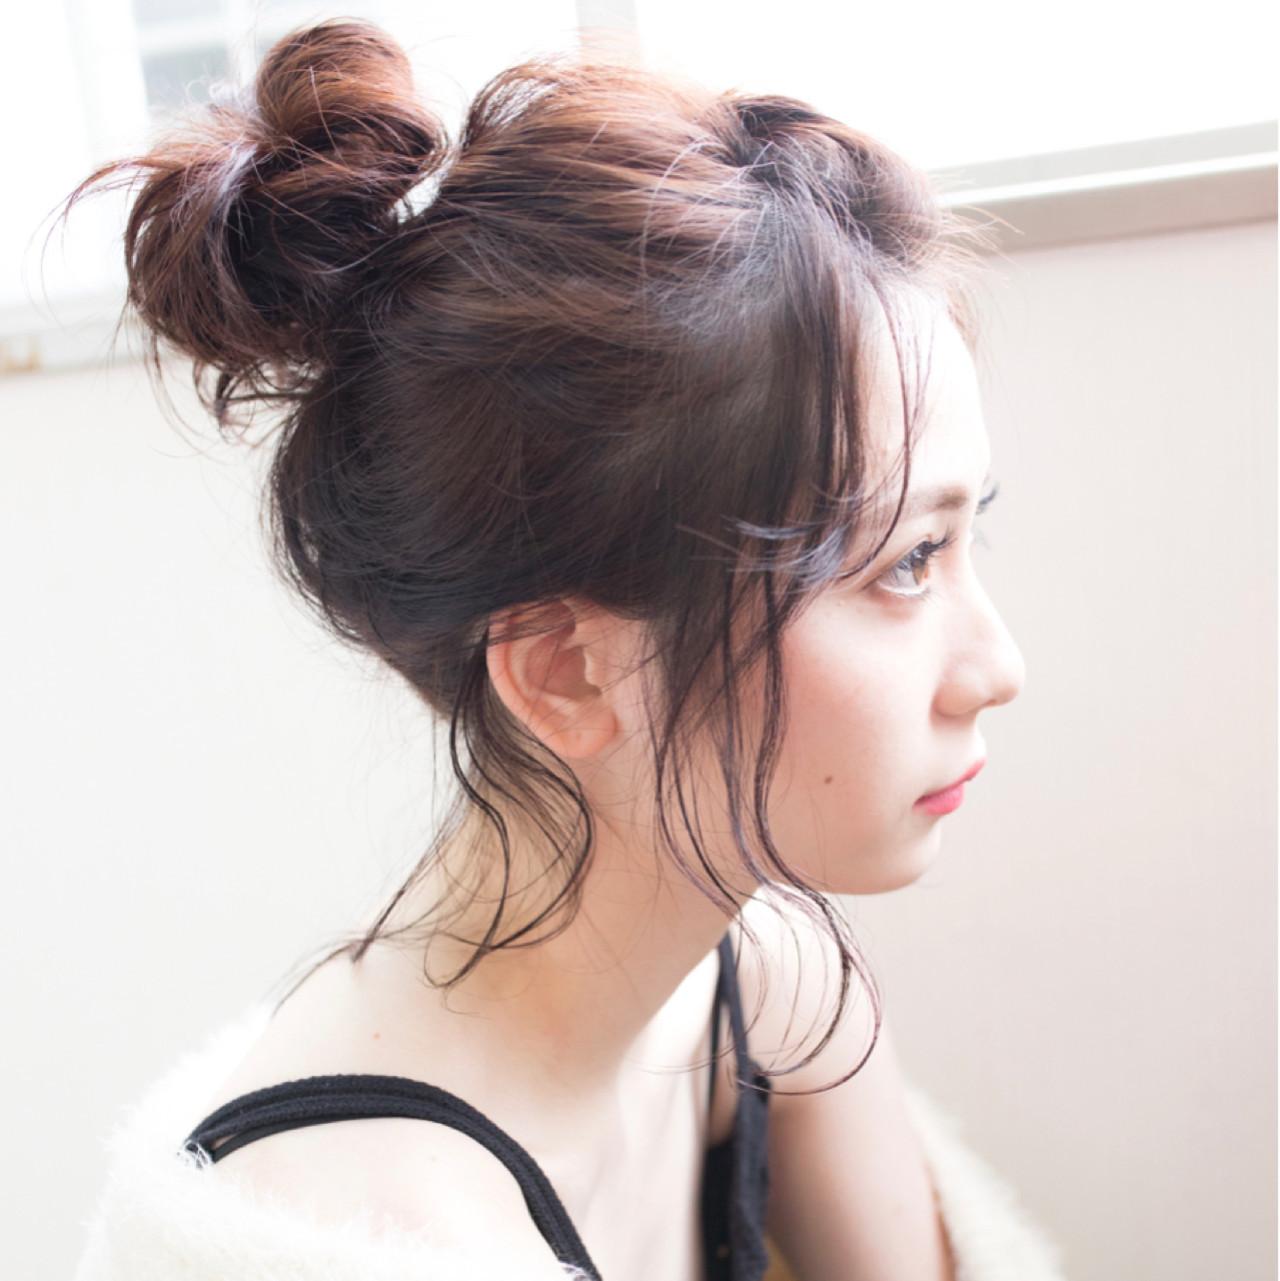 カジュアルゆるふわお団子アレンジ 伊藤 大樹